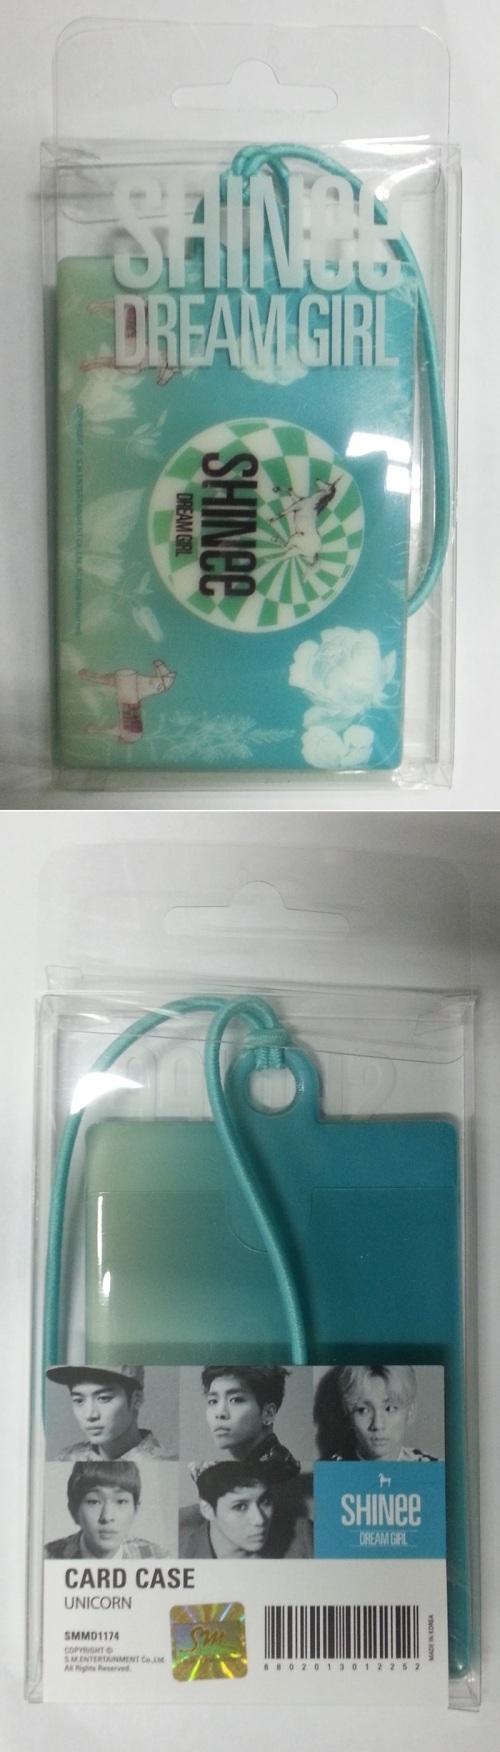 card case ver 2